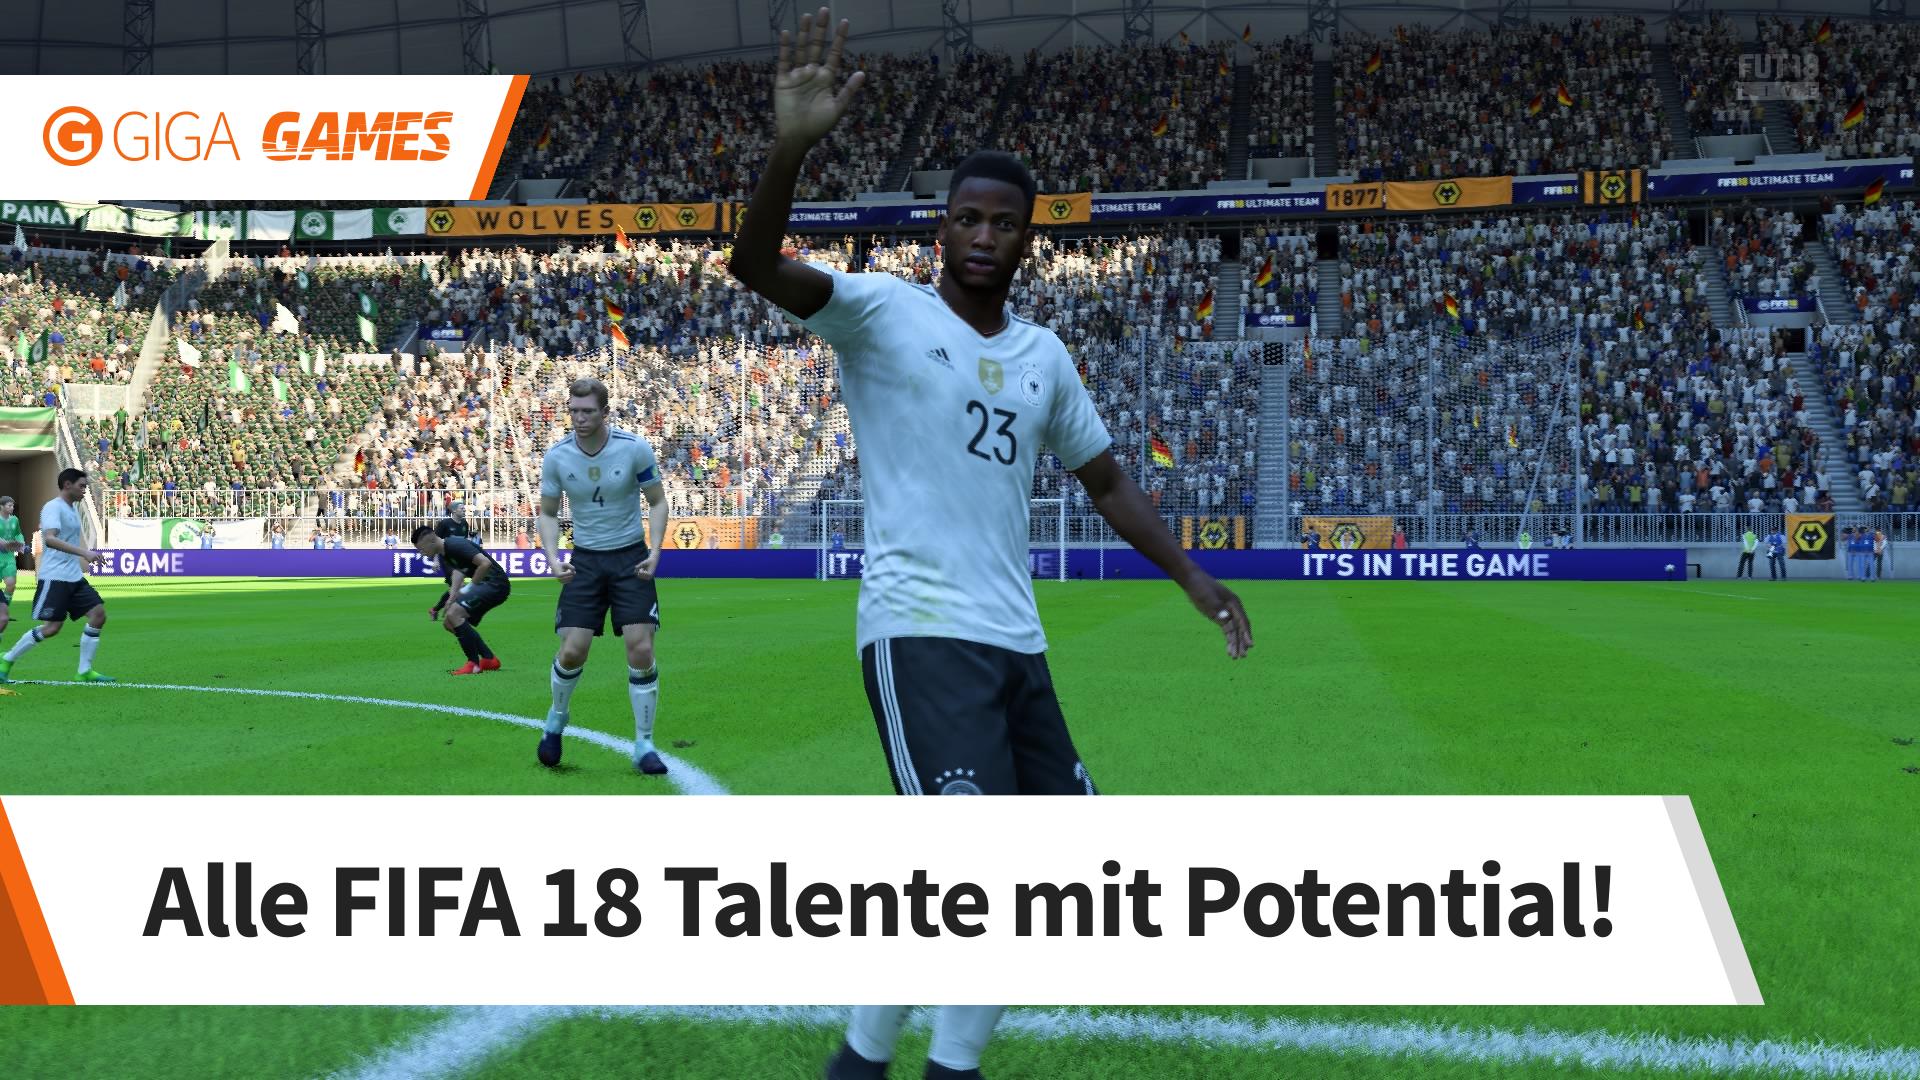 Fifa 18 Junge Talente Mit Potential Im Karrieremodus Giga